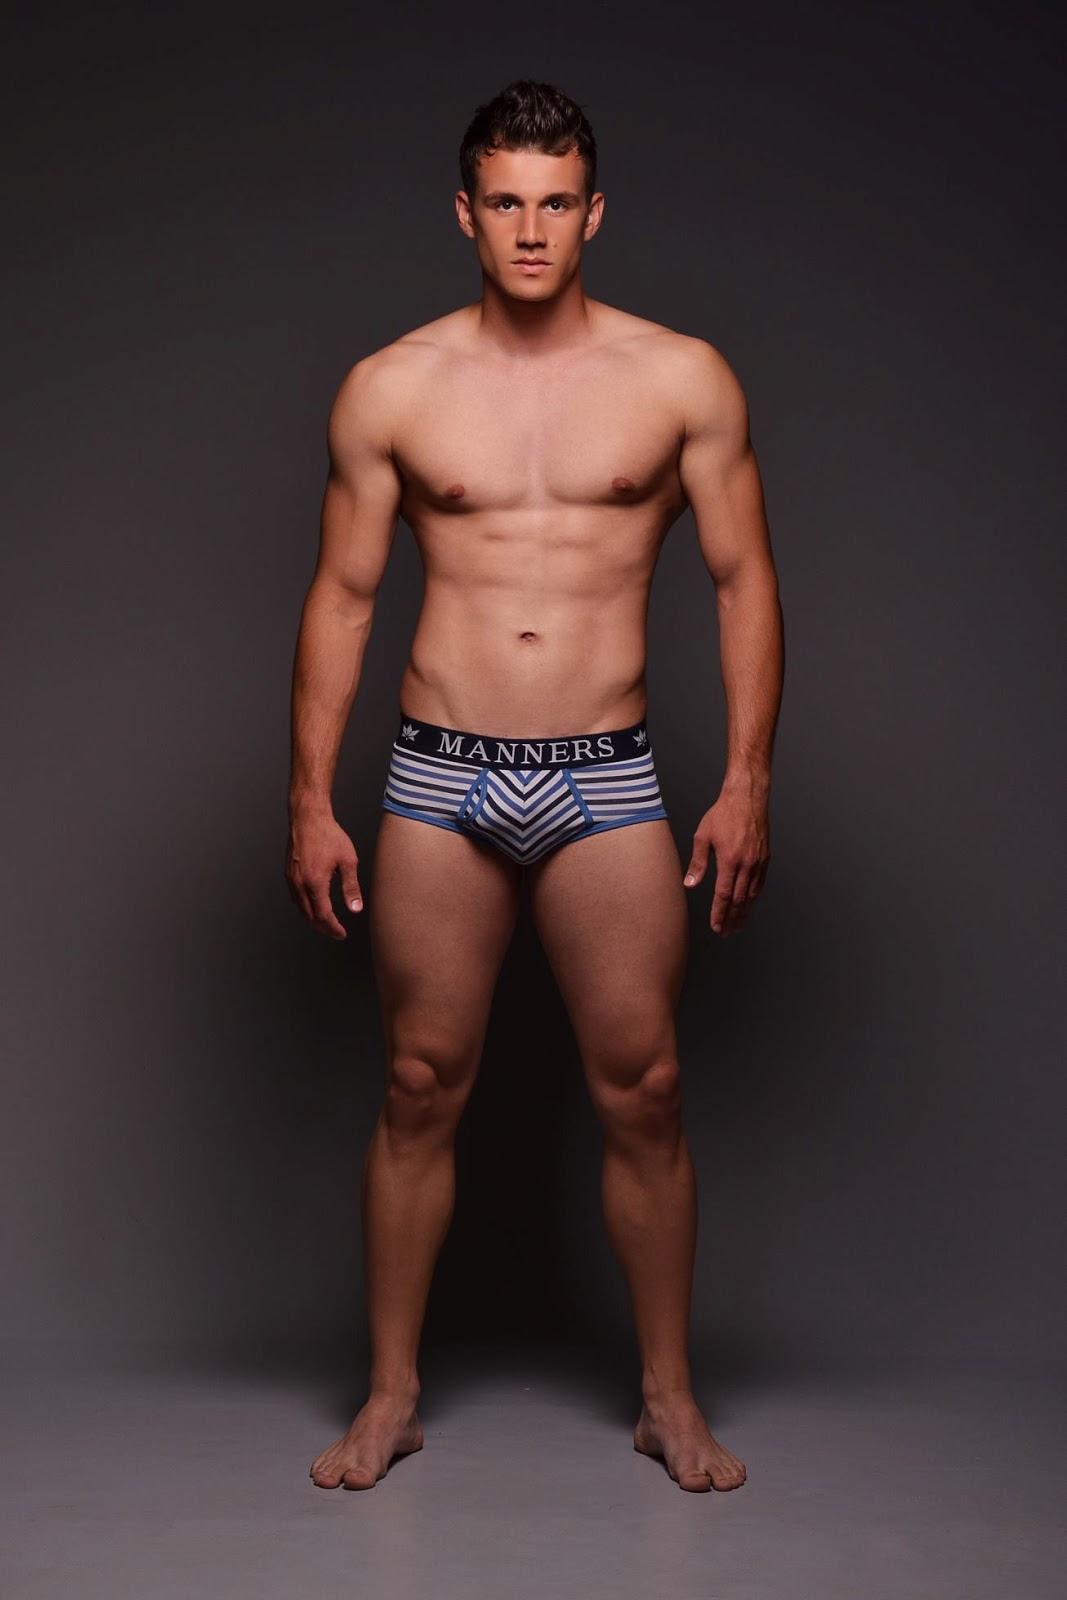 Gay male body worship videos i offer sinn a 2